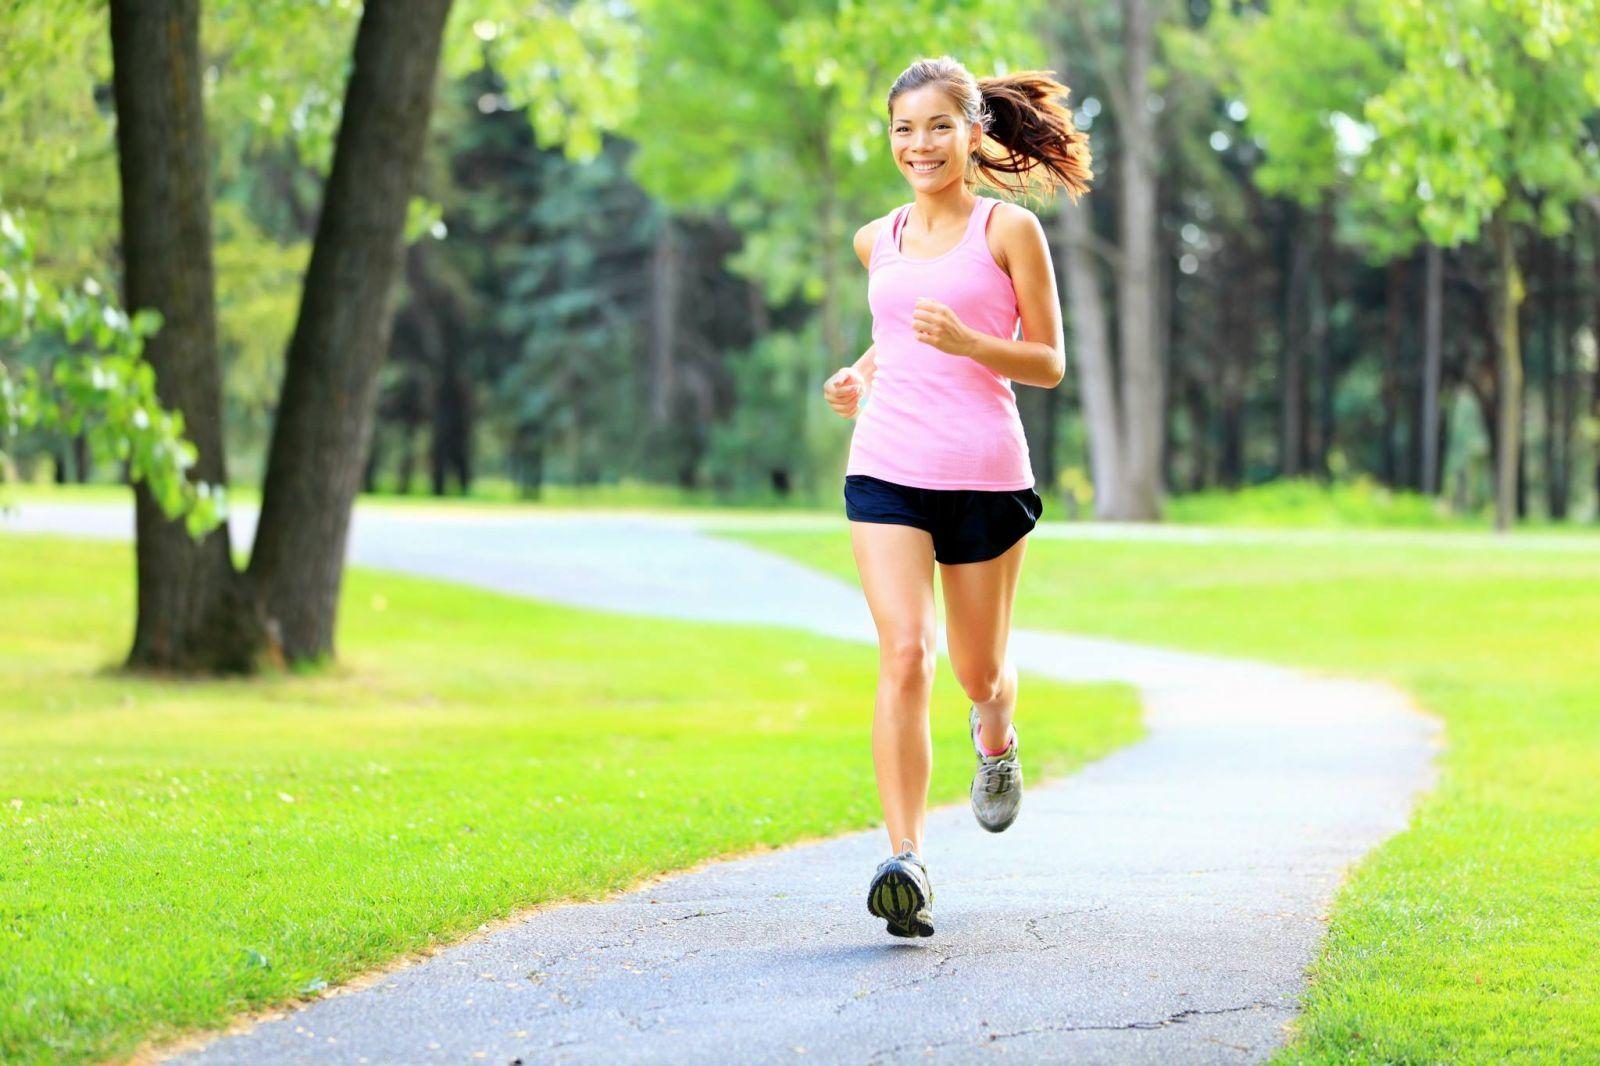 4 gợi ý từ các chuyên gia về việc chạy bộ